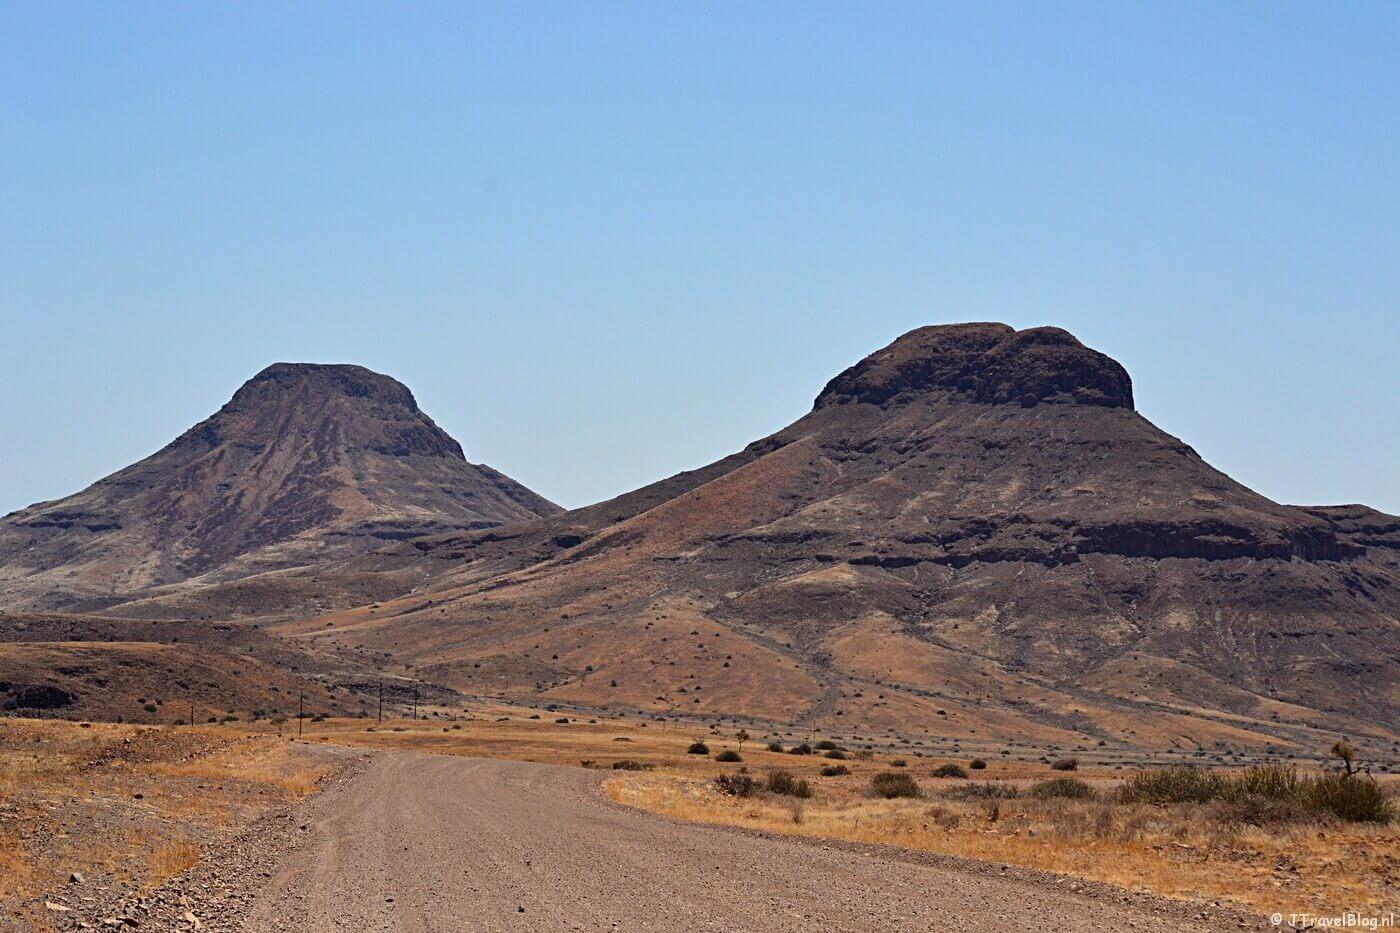 De wegen in Namibië